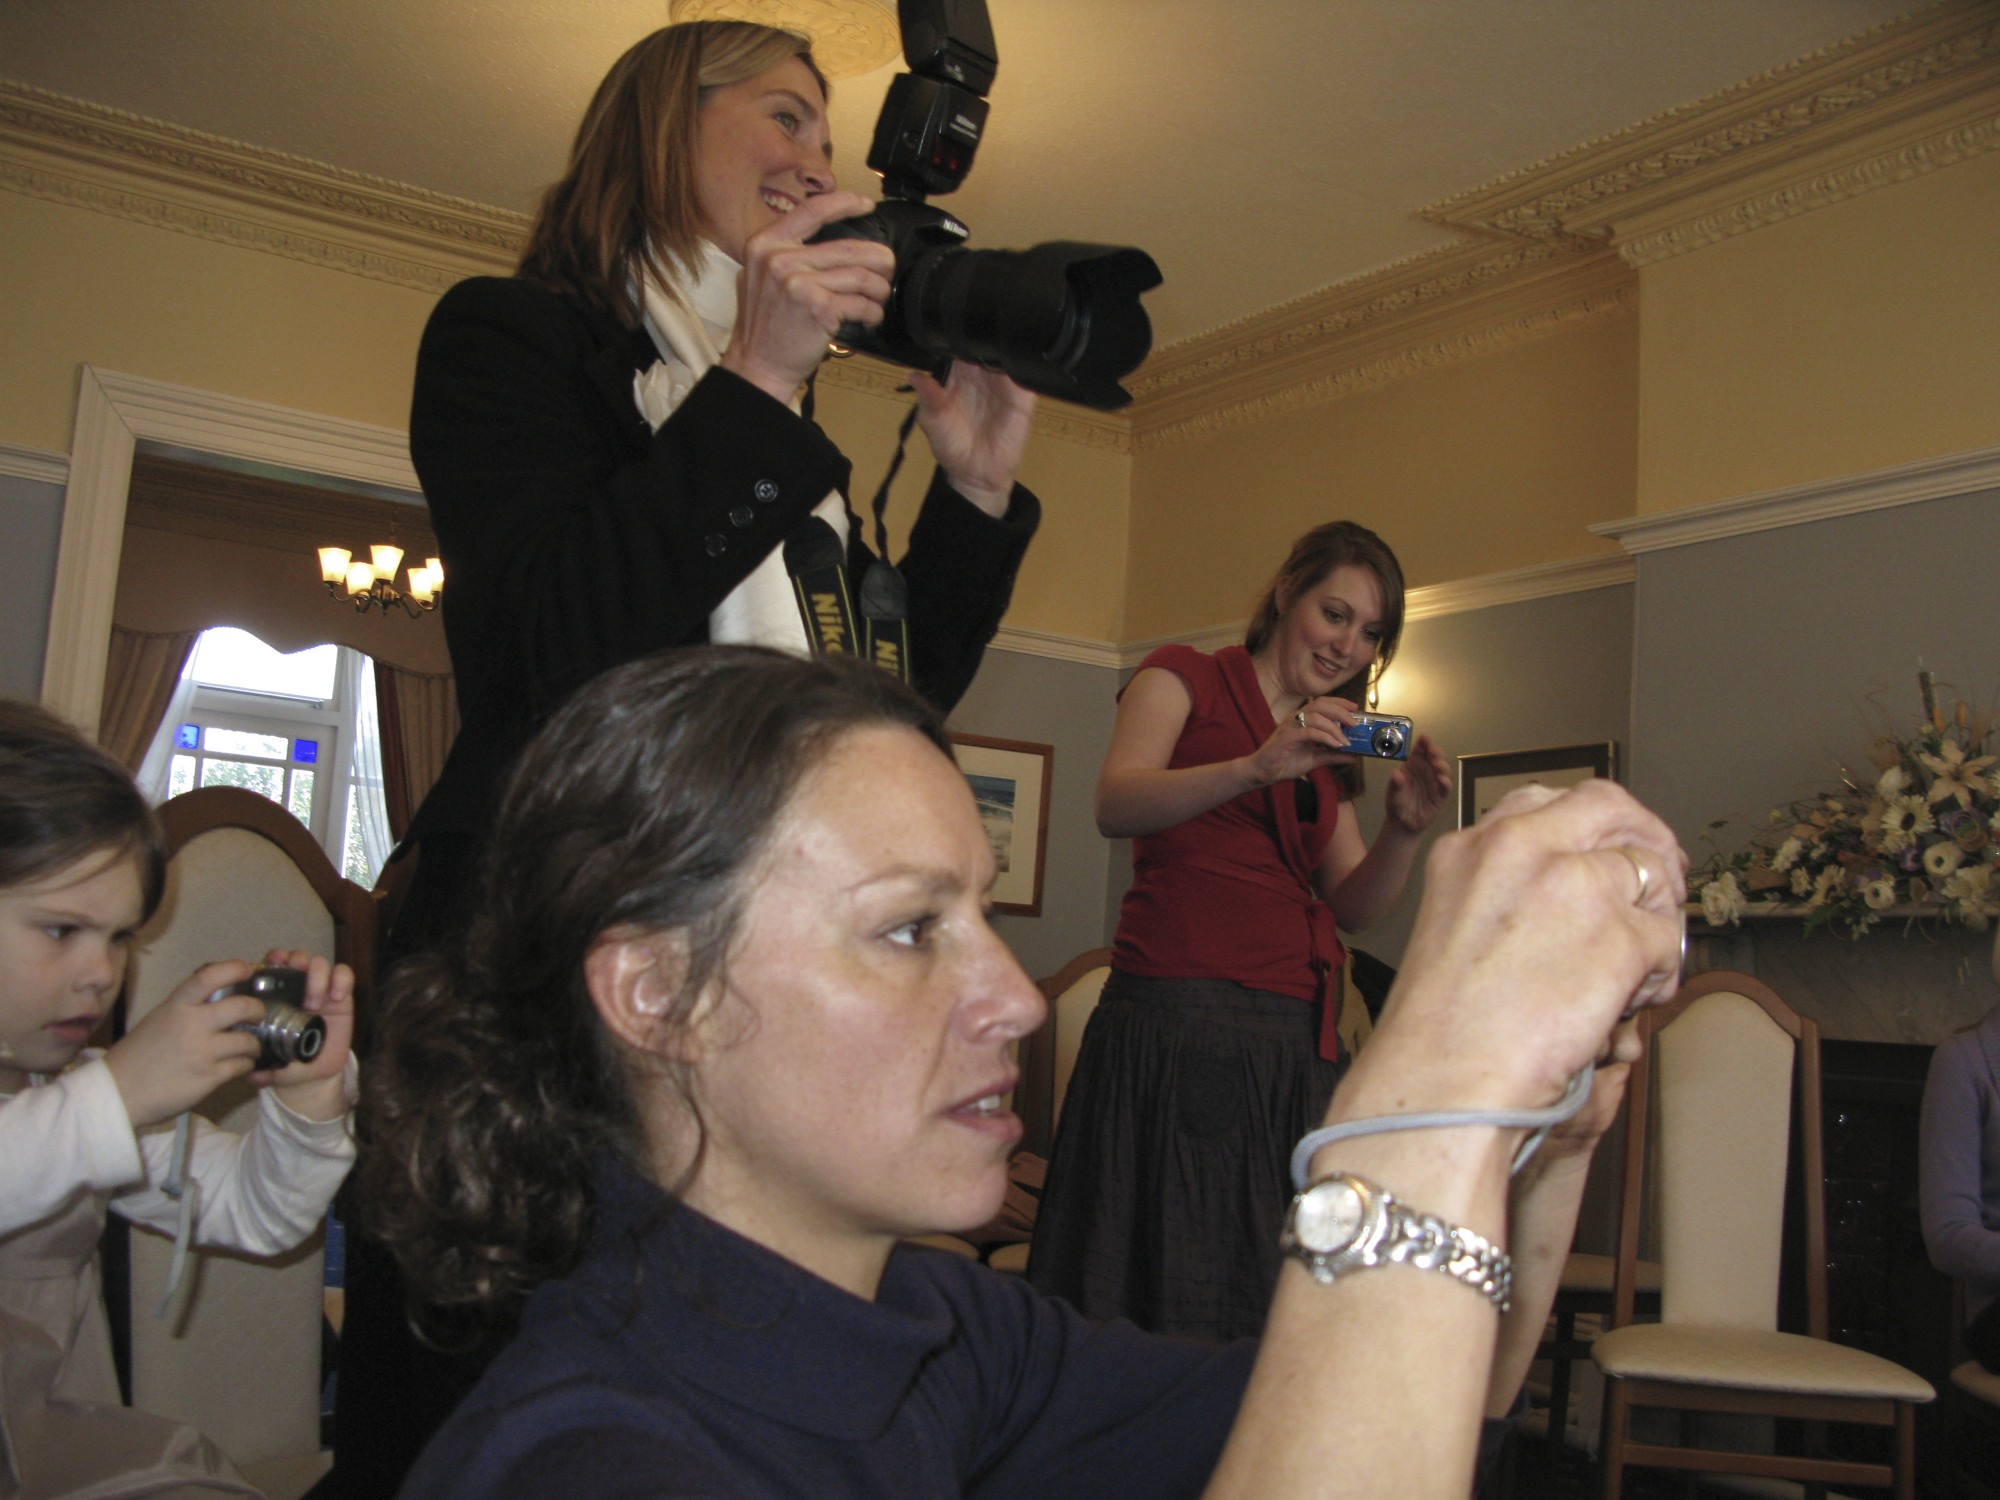 Winchurch Women Turn Paparazzi (Photo by T.R. Cross)